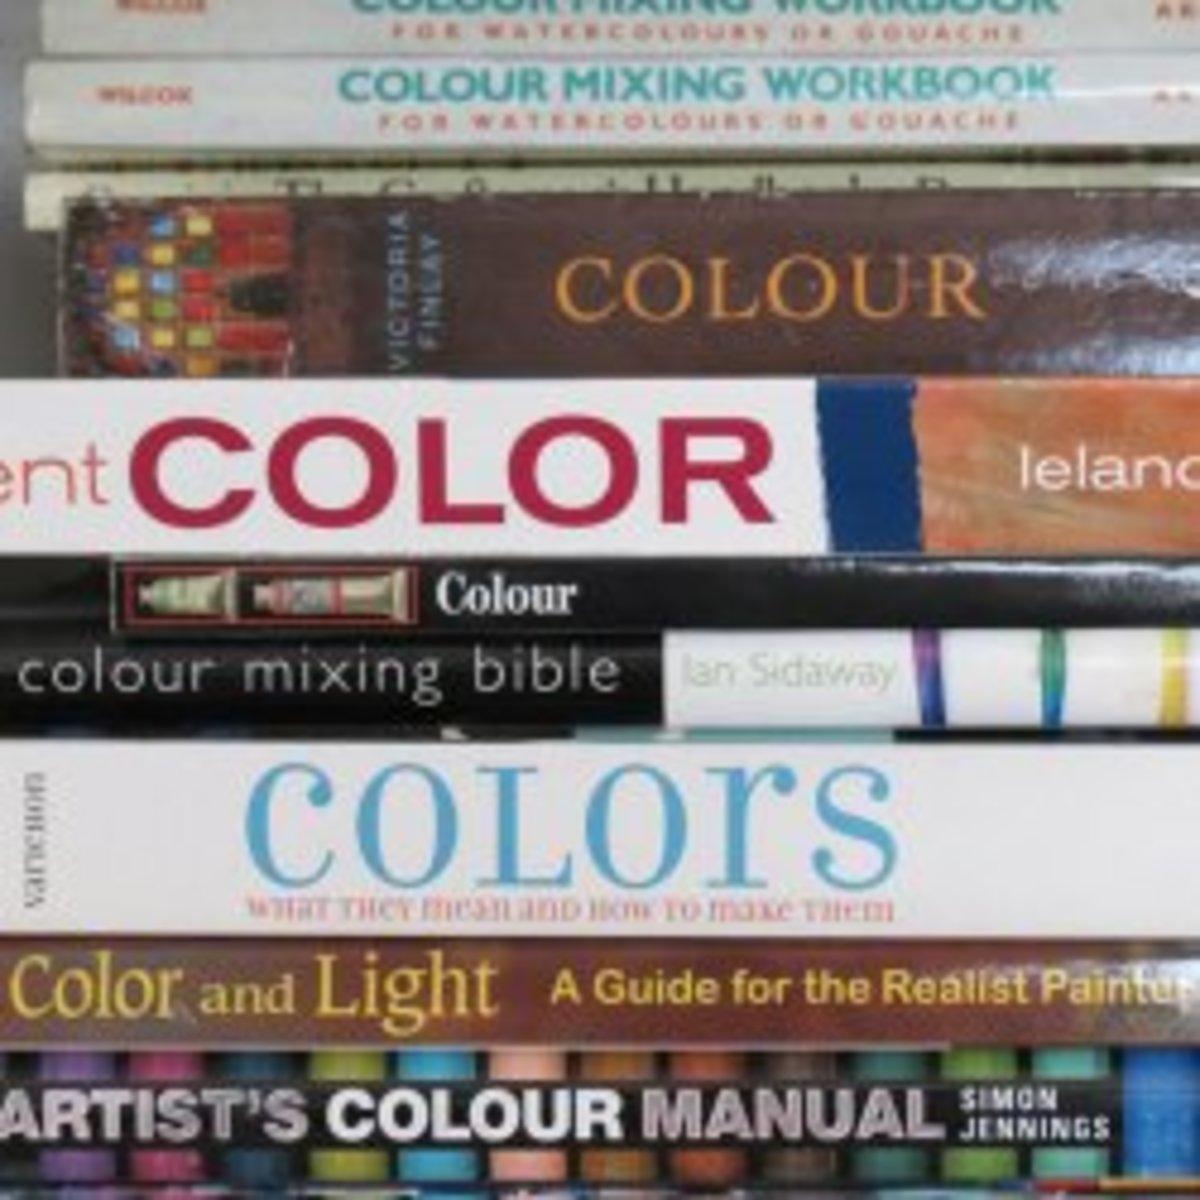 The Best Art Books - Colour